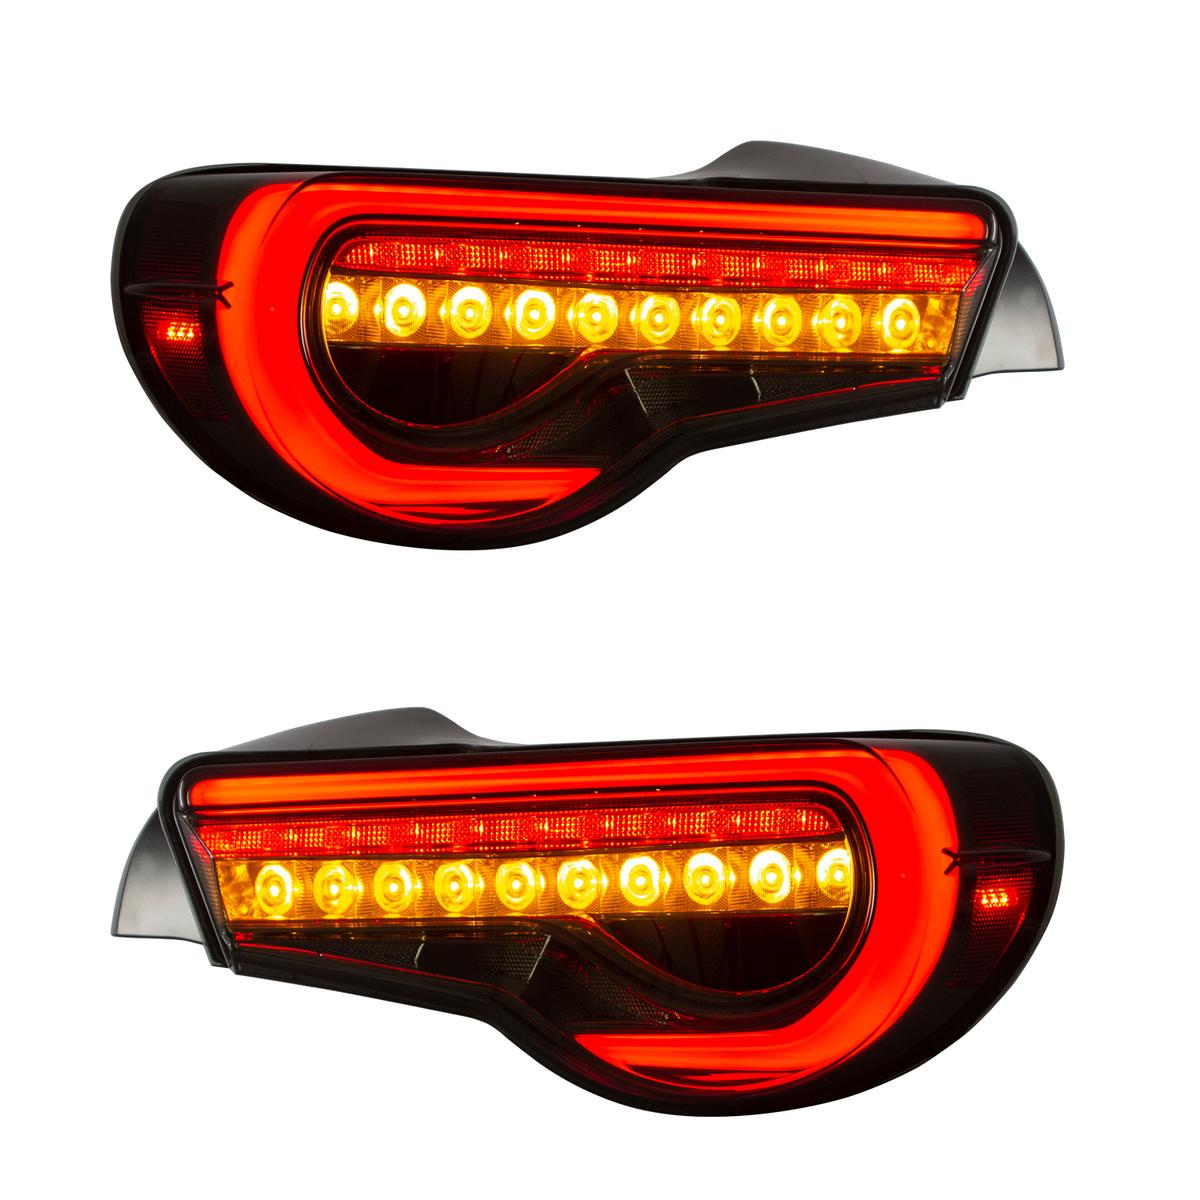 買収 86テールランプ brz テール zn6 テールライト 86 テール,86 トヨタ,toyota 86,86 スモーク ランプ 86パーツ LED USEKA トヨタ スバル 超激得SALE 左右4点セット サイオンFR-S 2012-2016LED 流体 新型 BRZ 12-16 スタイル LIGHT 新品 FBA日本在庫商品 Toyota TAIL ZC6 テールランプリアライト FOR